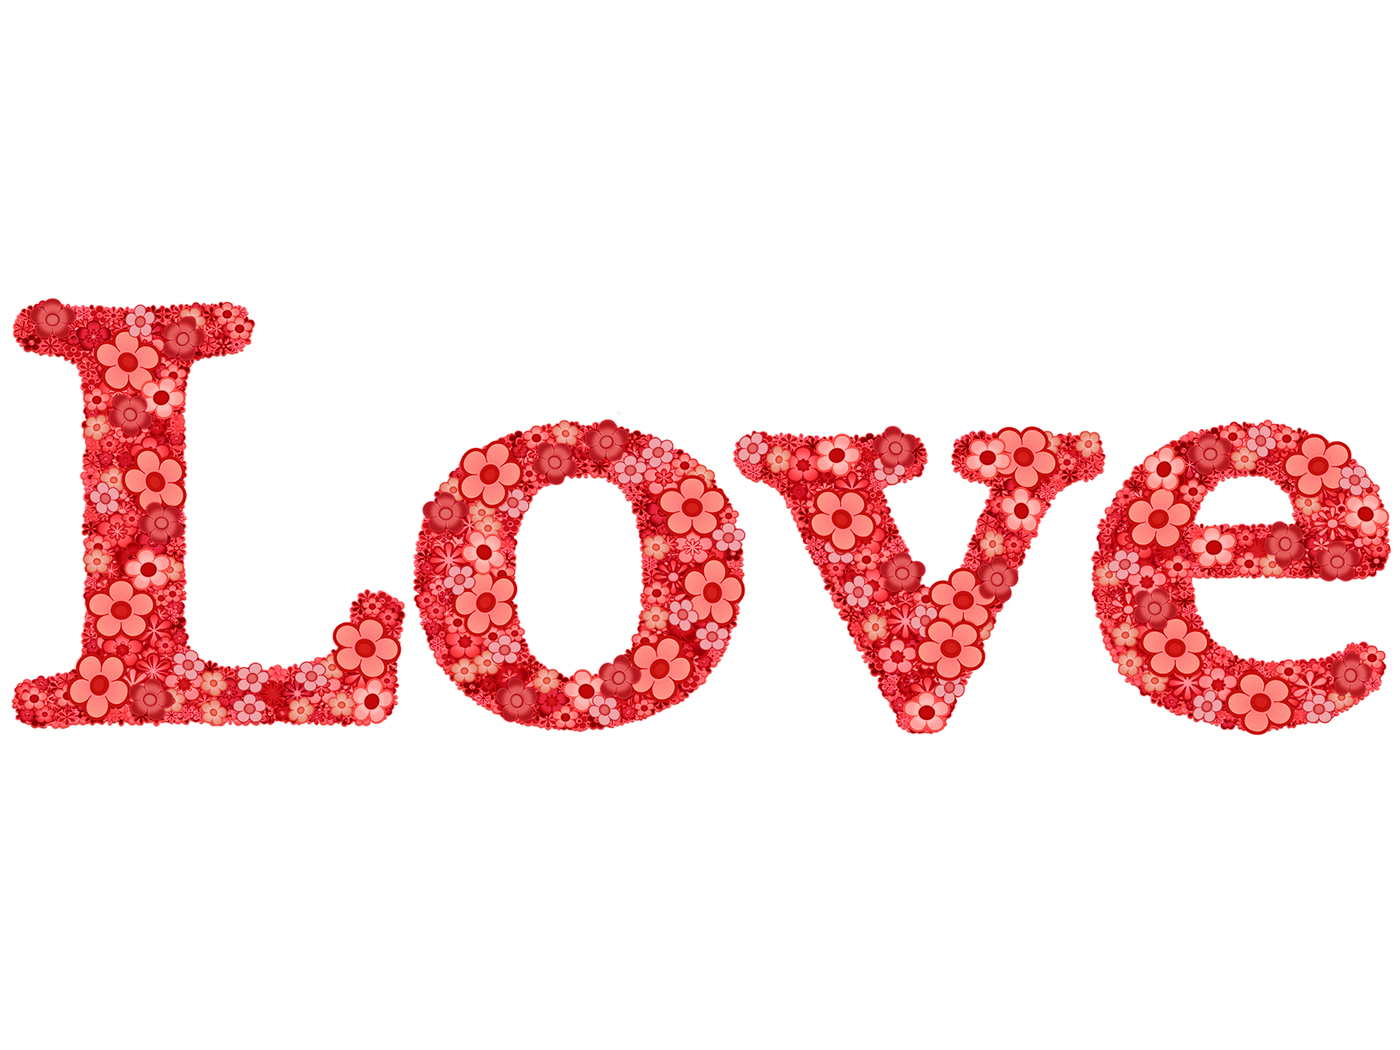 Rimsha Name Wallpaper in Love - WallpaperSafari